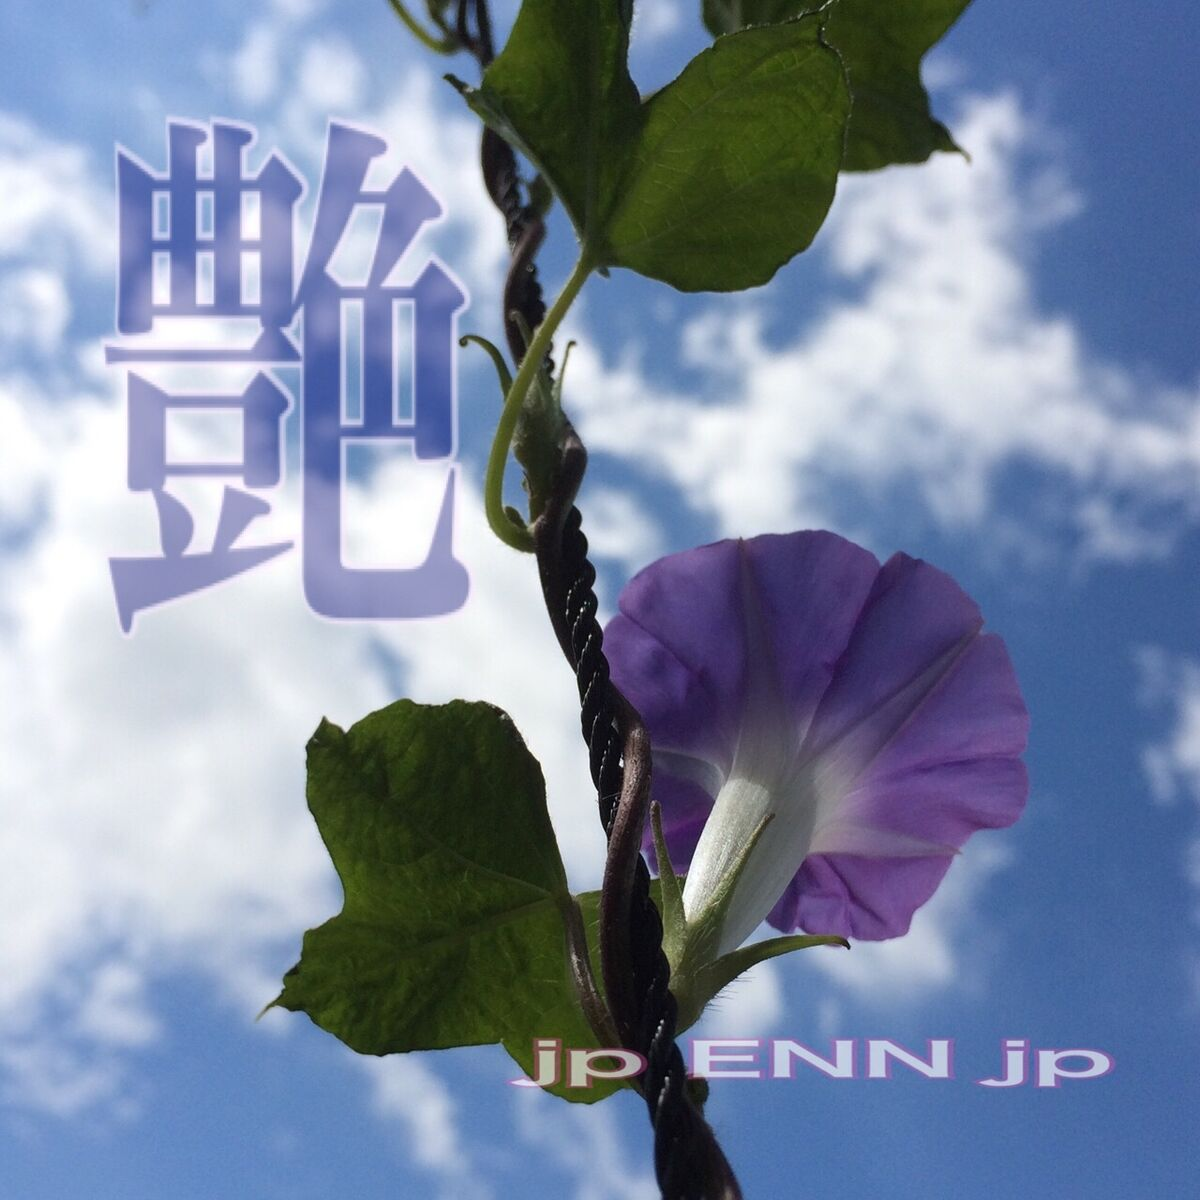 jp ENN jp